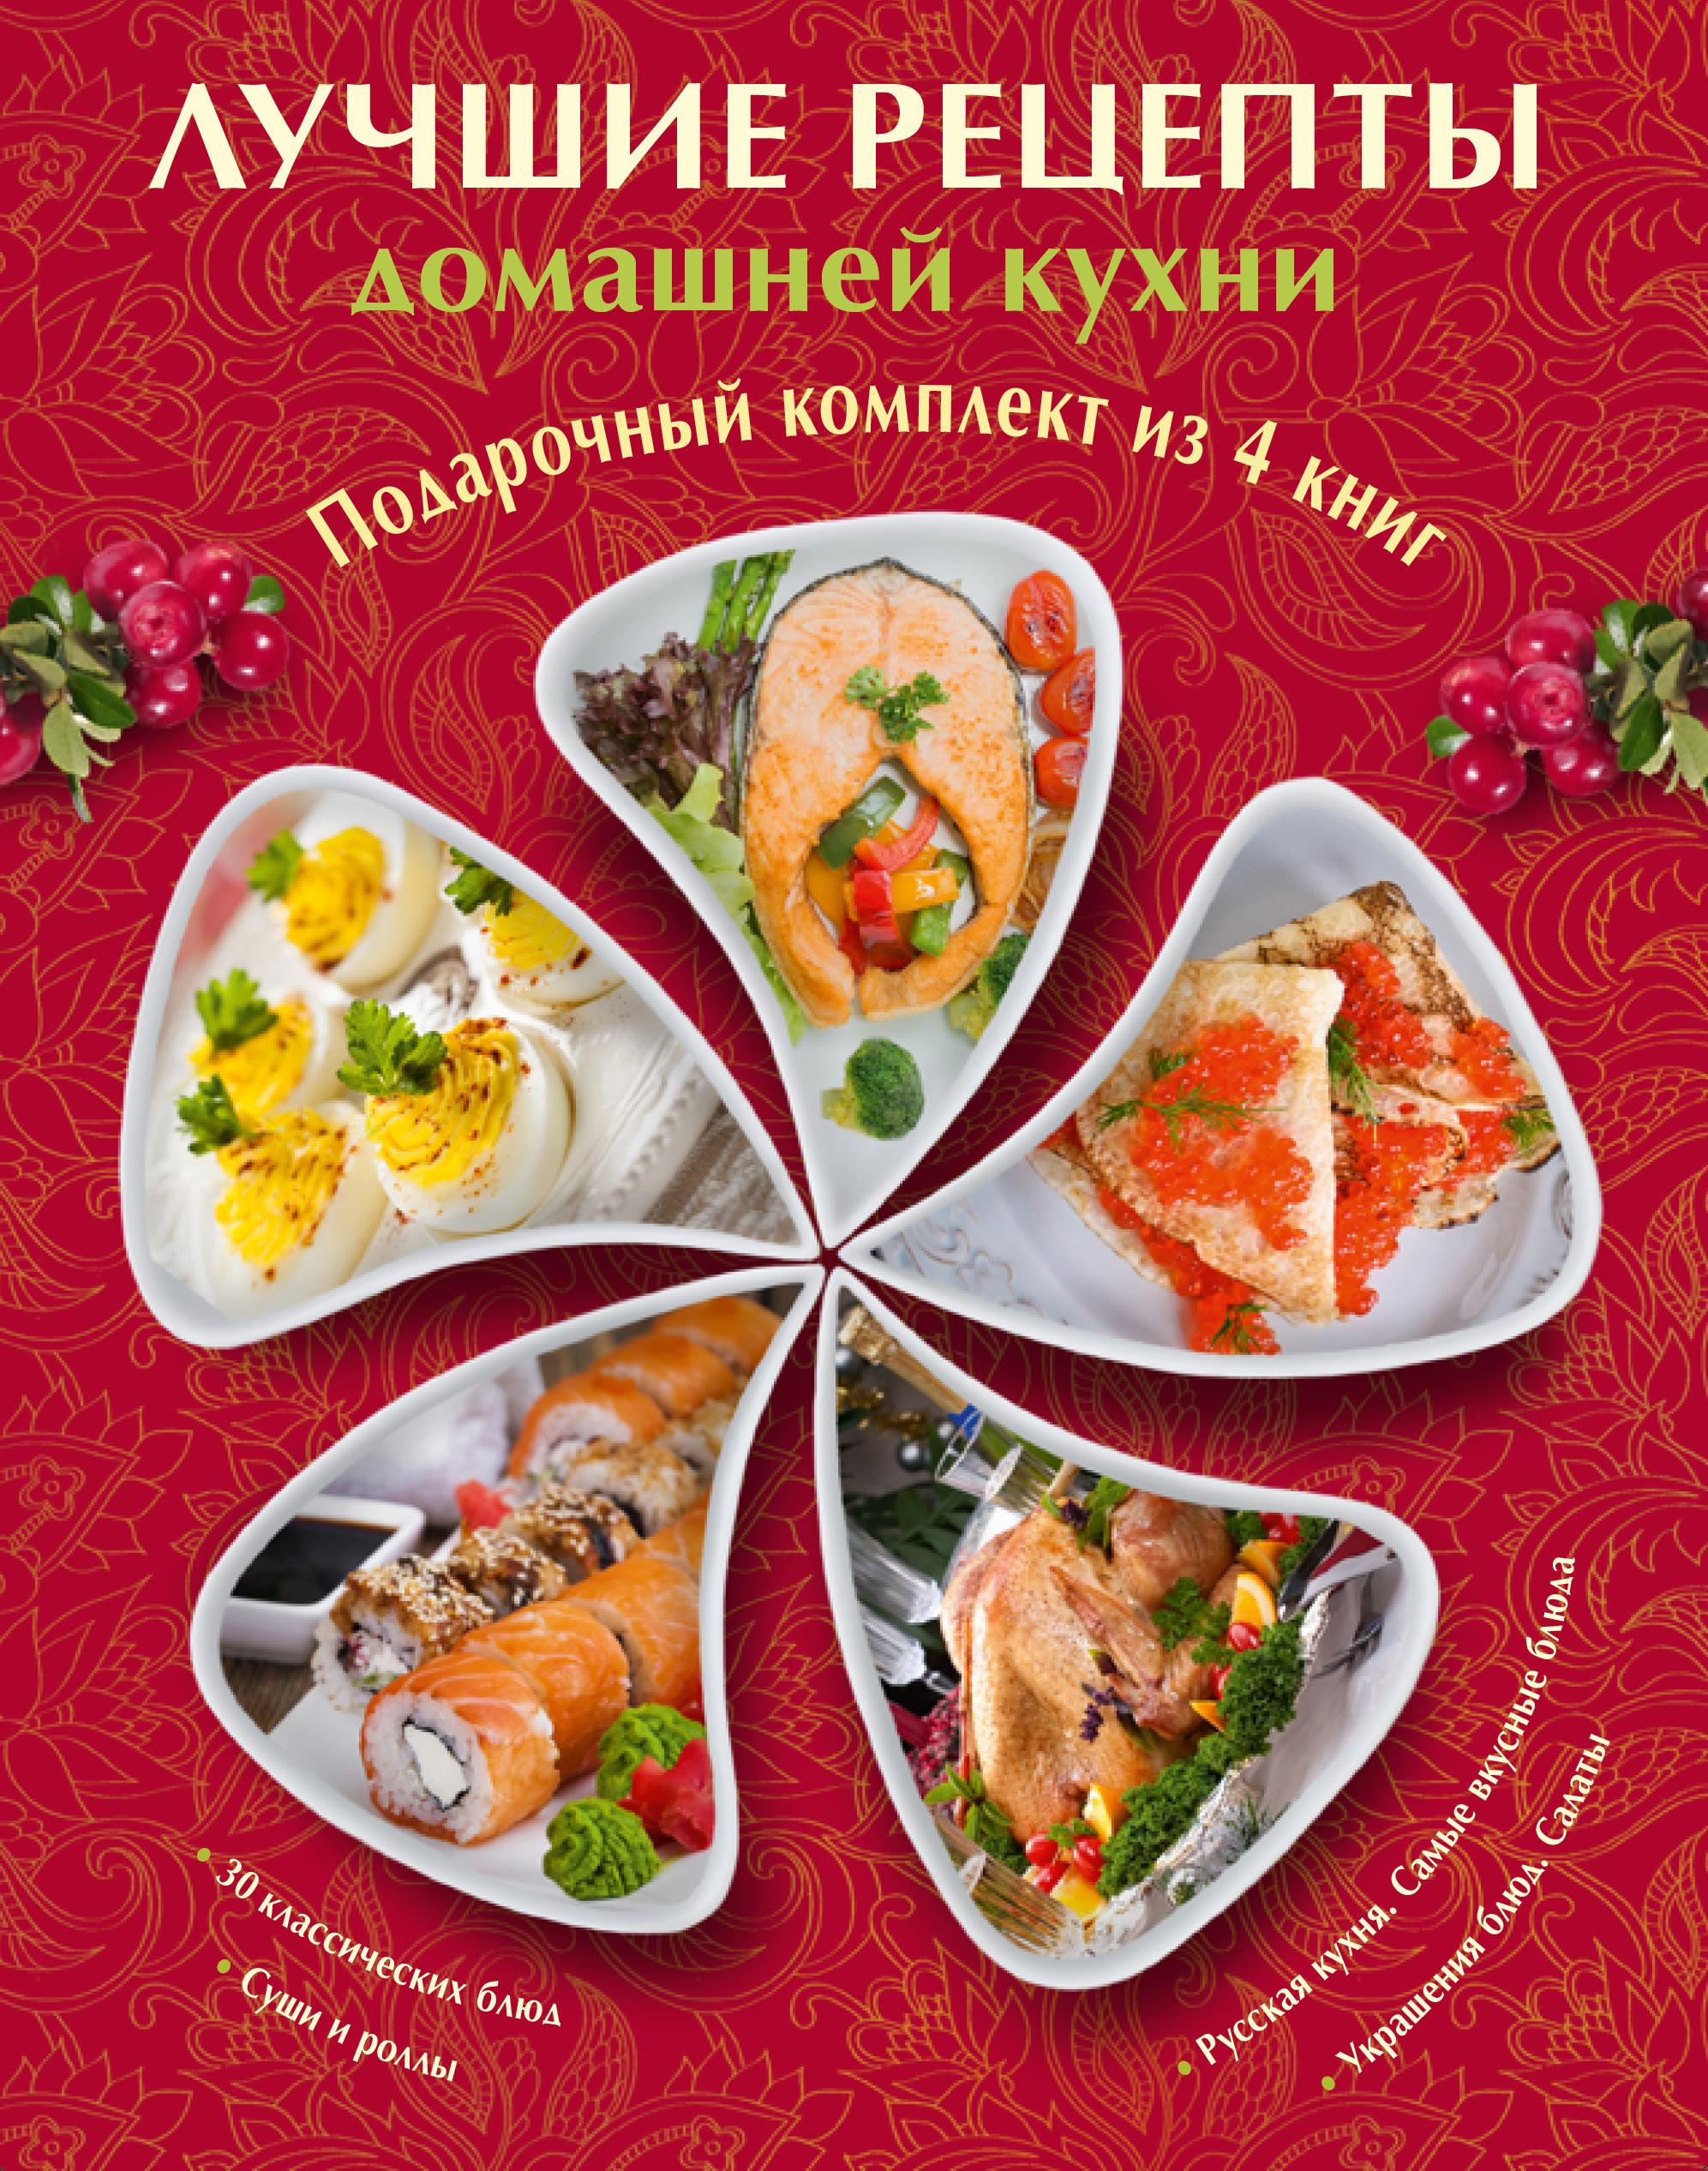 Лучшие рецепты домашней кухни. Подарочный комплект из 4х книг. резько и ред праздничная кухня подарочный набор 4 лучшие книги русская кухня только самые вкусные блюда комплект из 4 книг